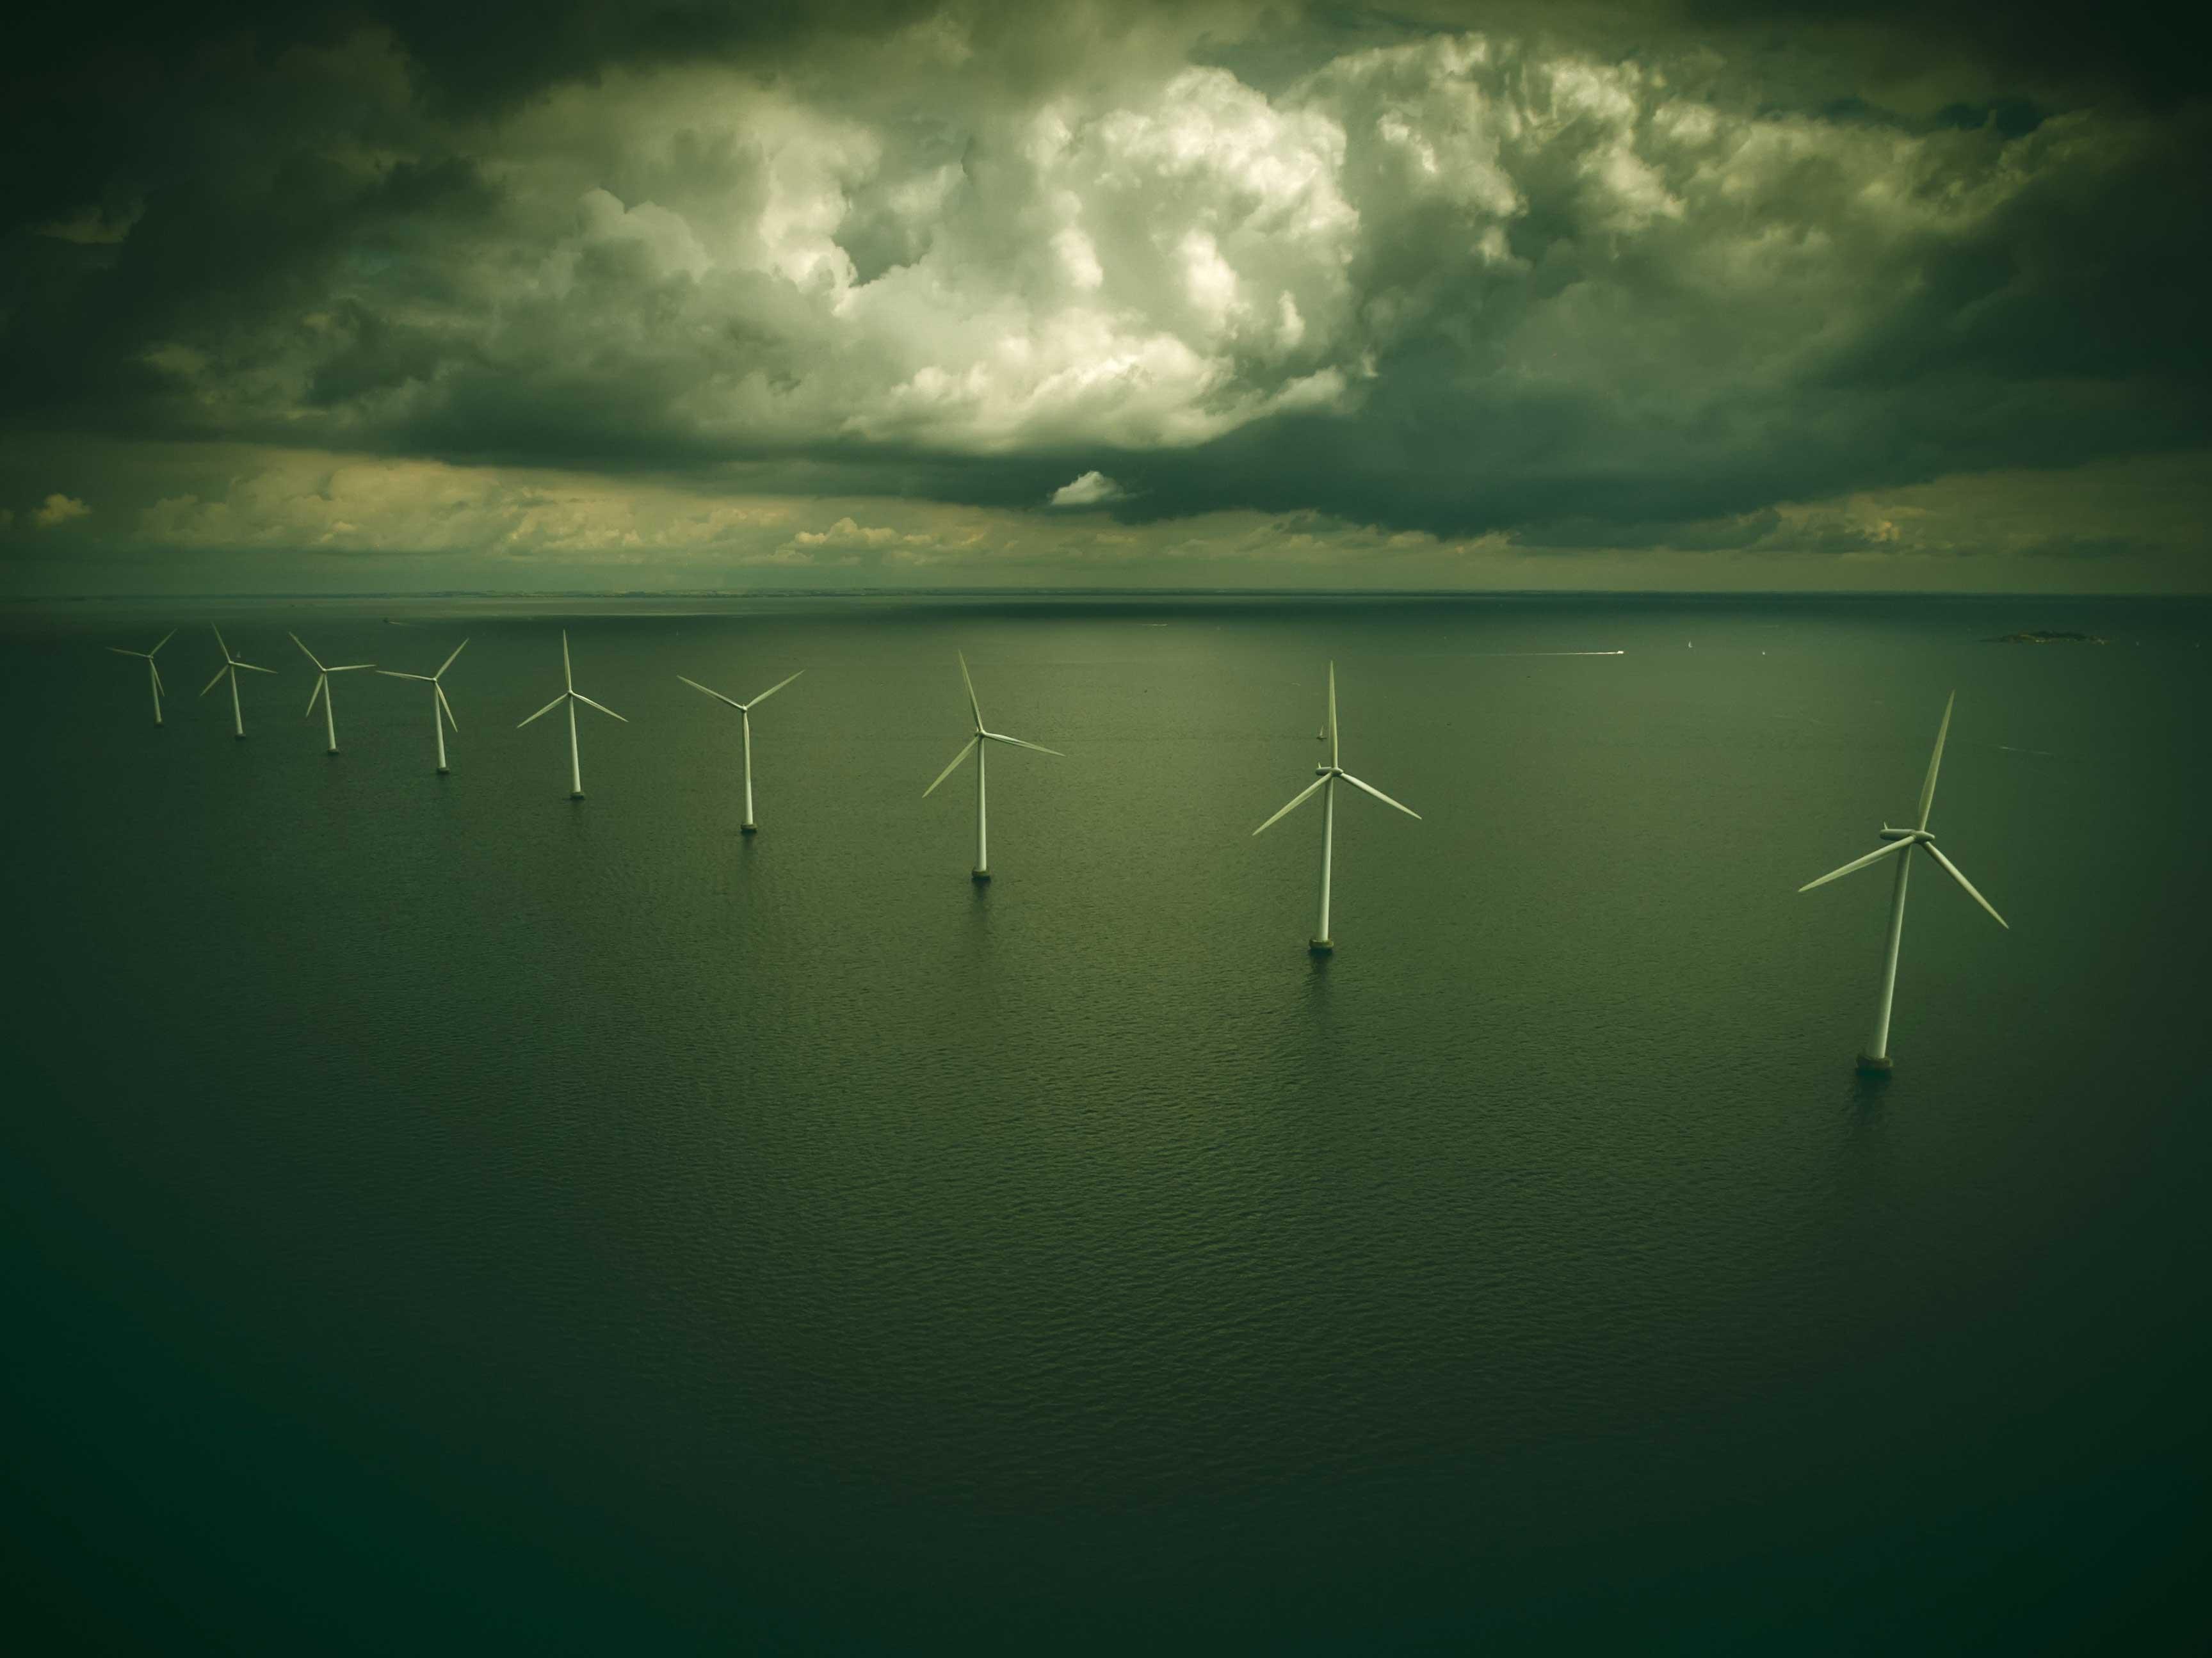 Drone-video-windturbines-3455x2590